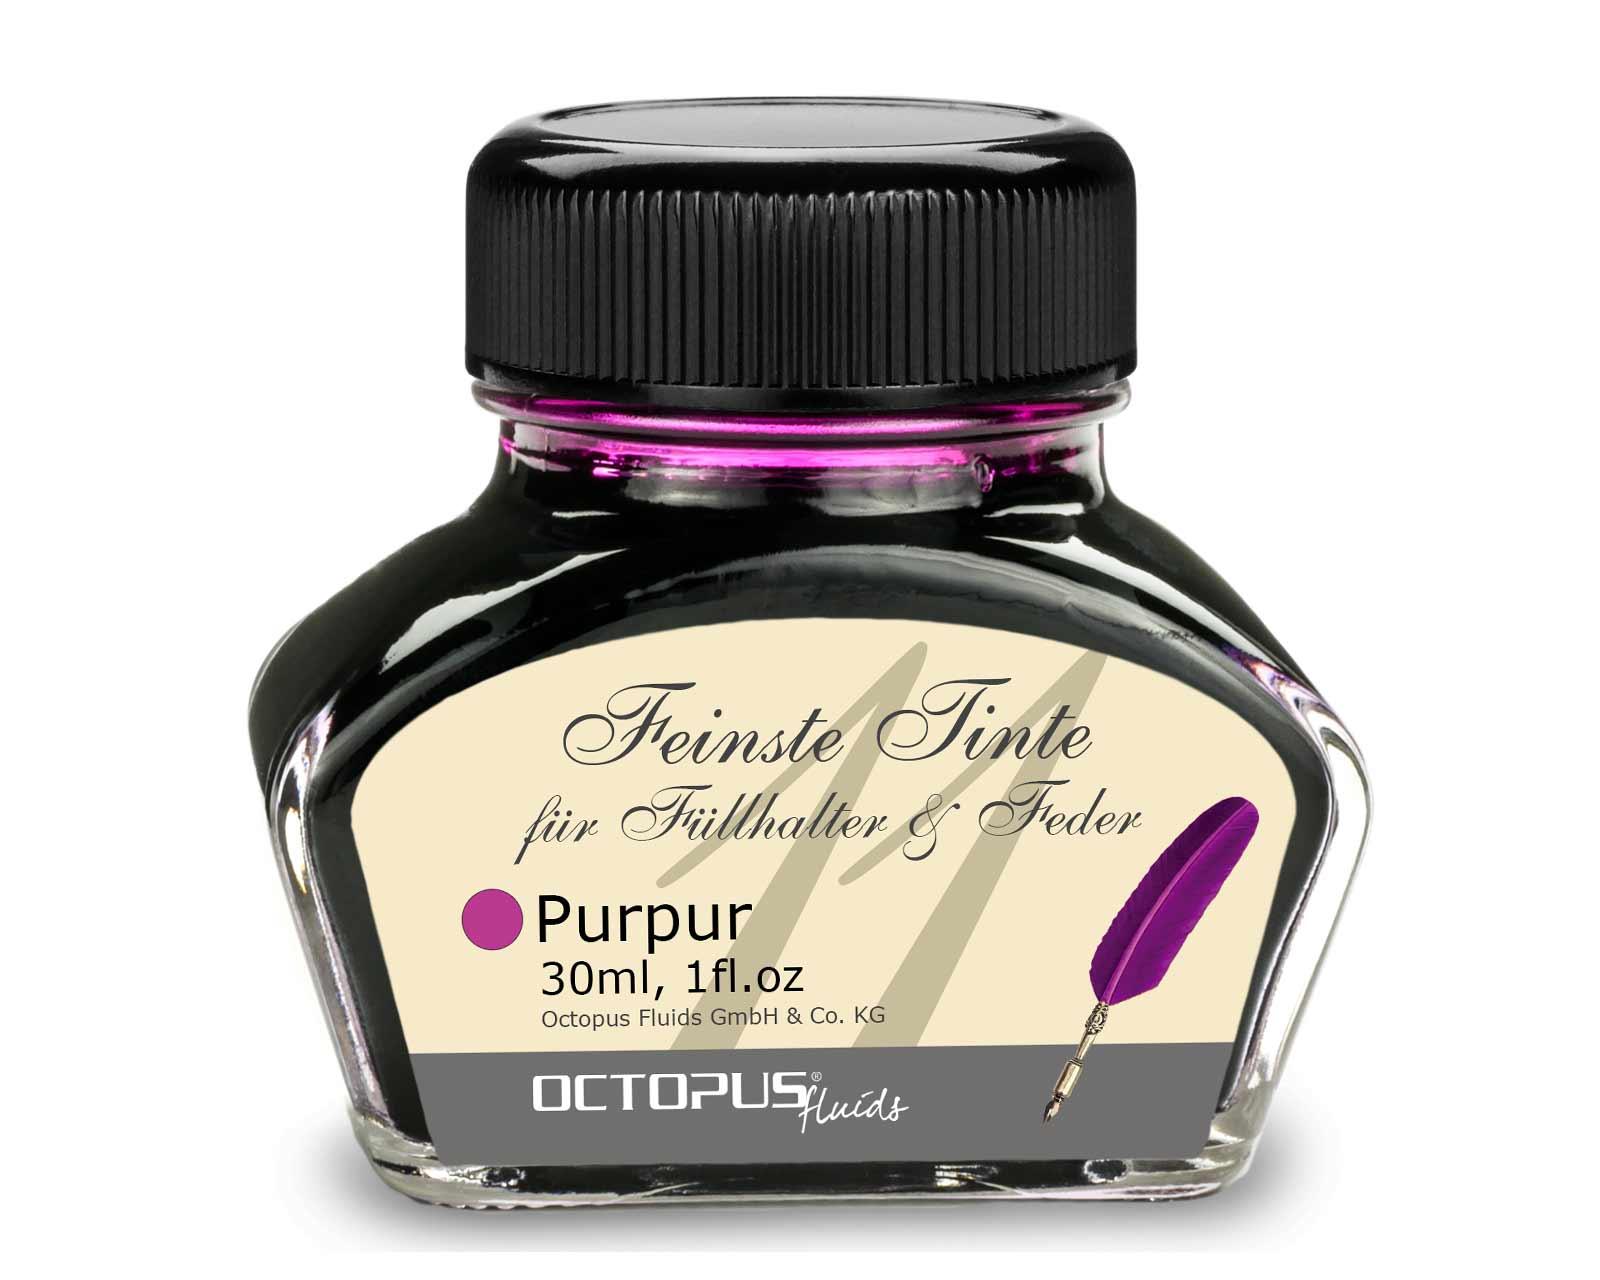 Feinste Schreibtinte für Füllhalter und Schreibfedern, Purpur